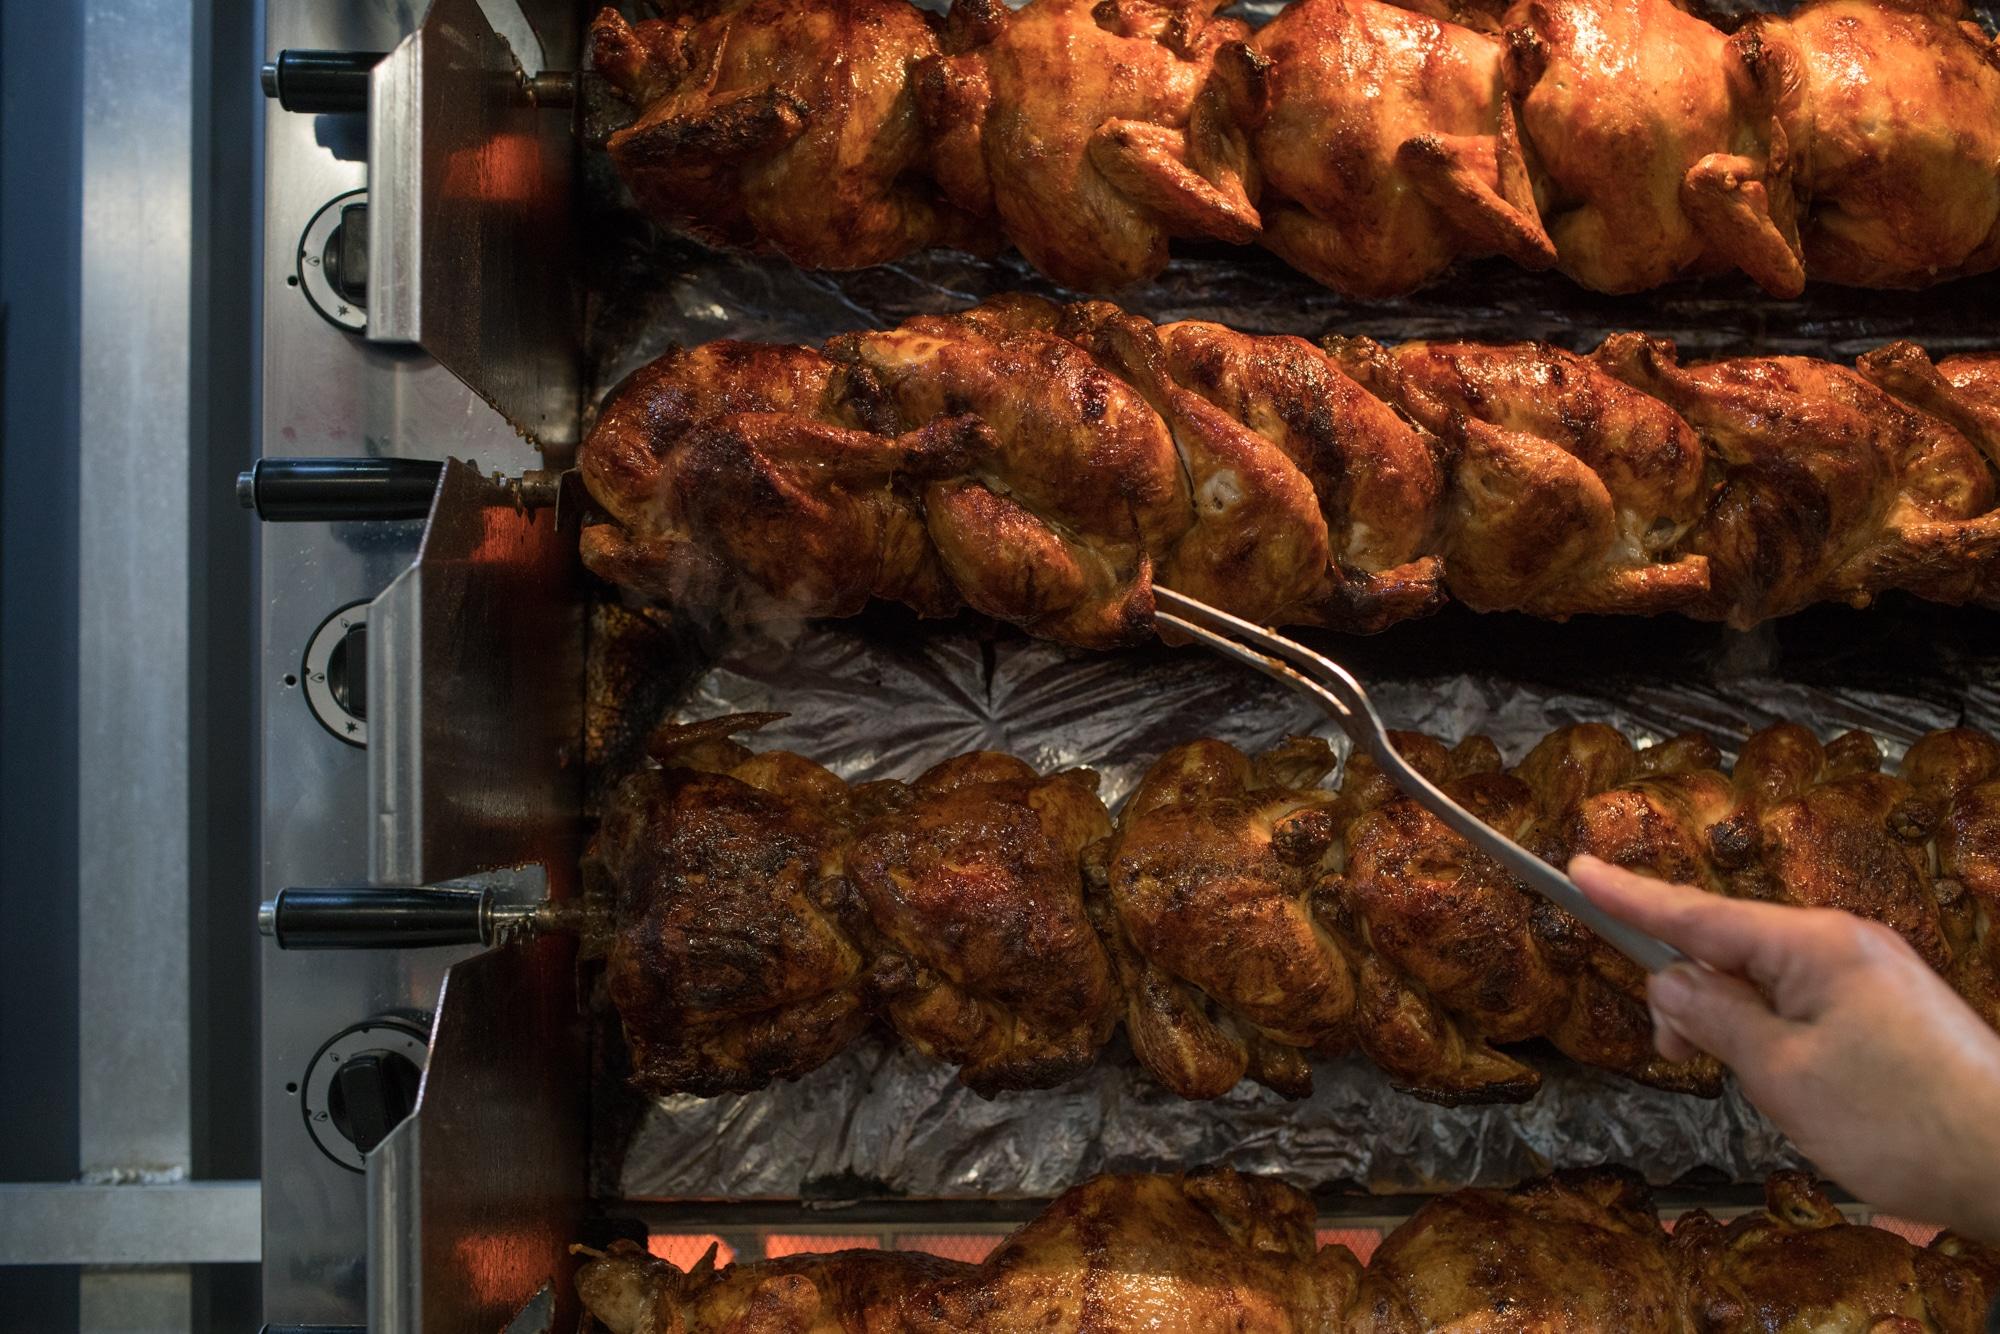 Alain vérifie la cuission des poulets à l'aide d'une longue fourchette.